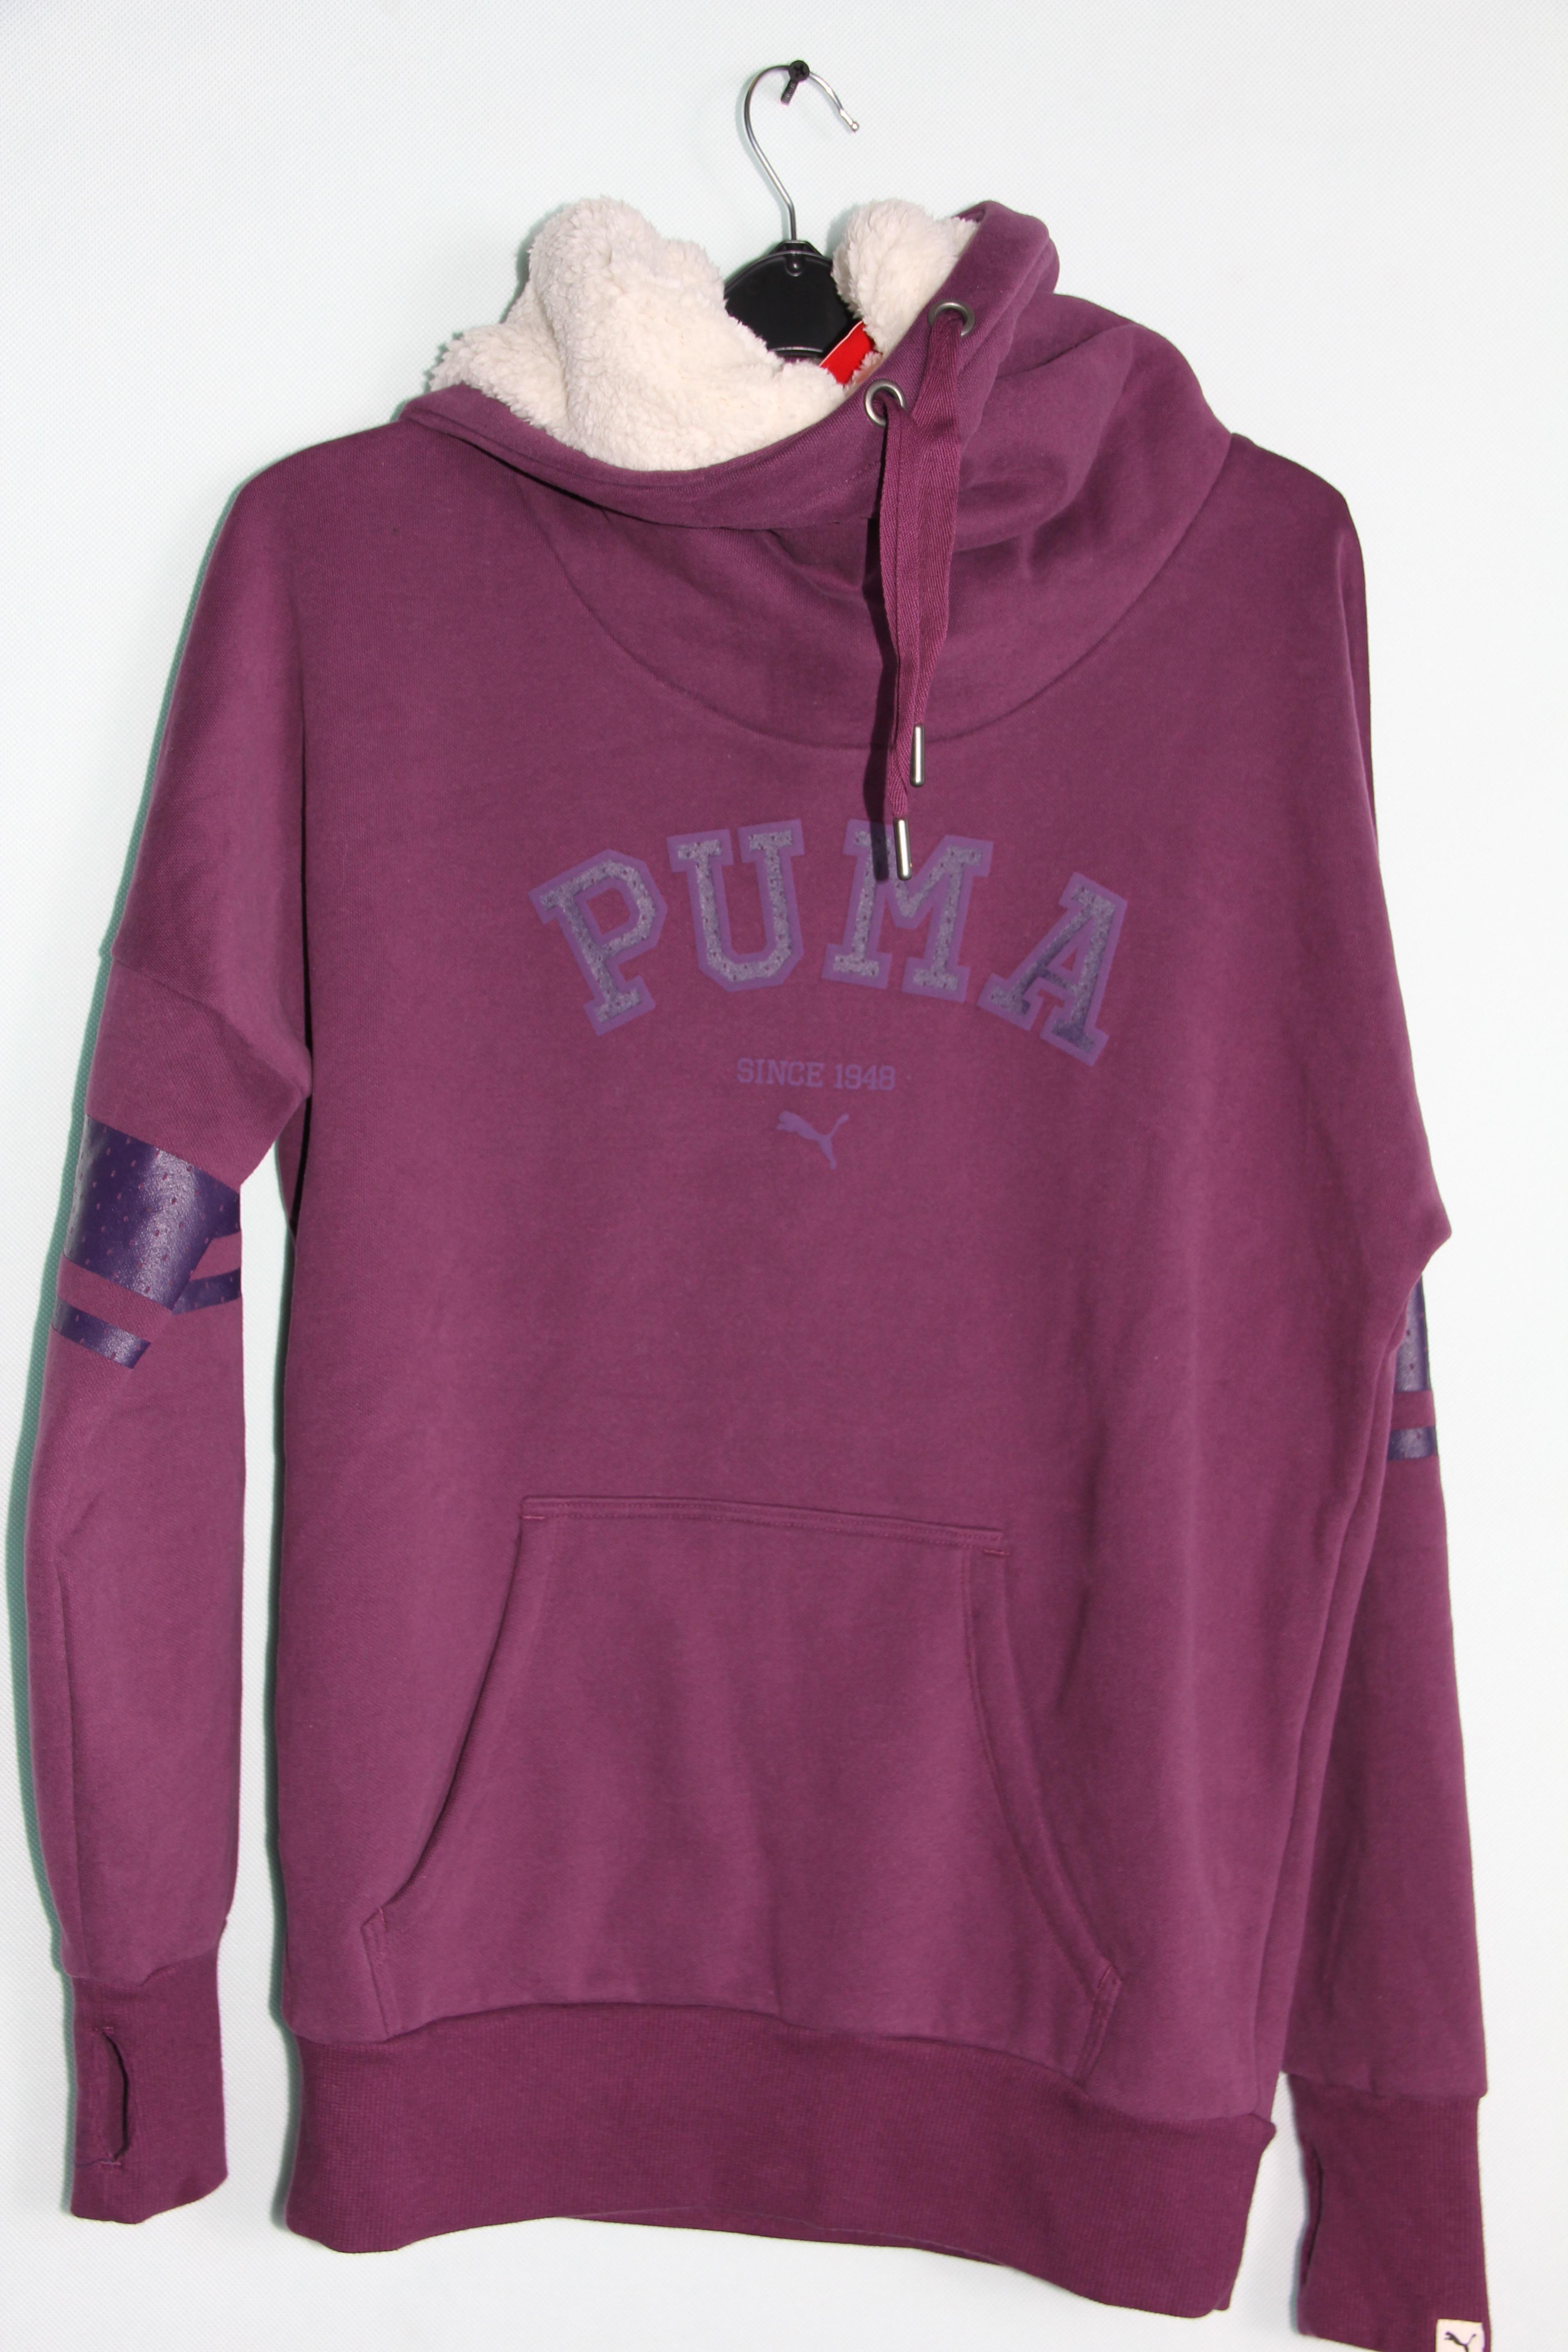 bluzki damskie puma używane